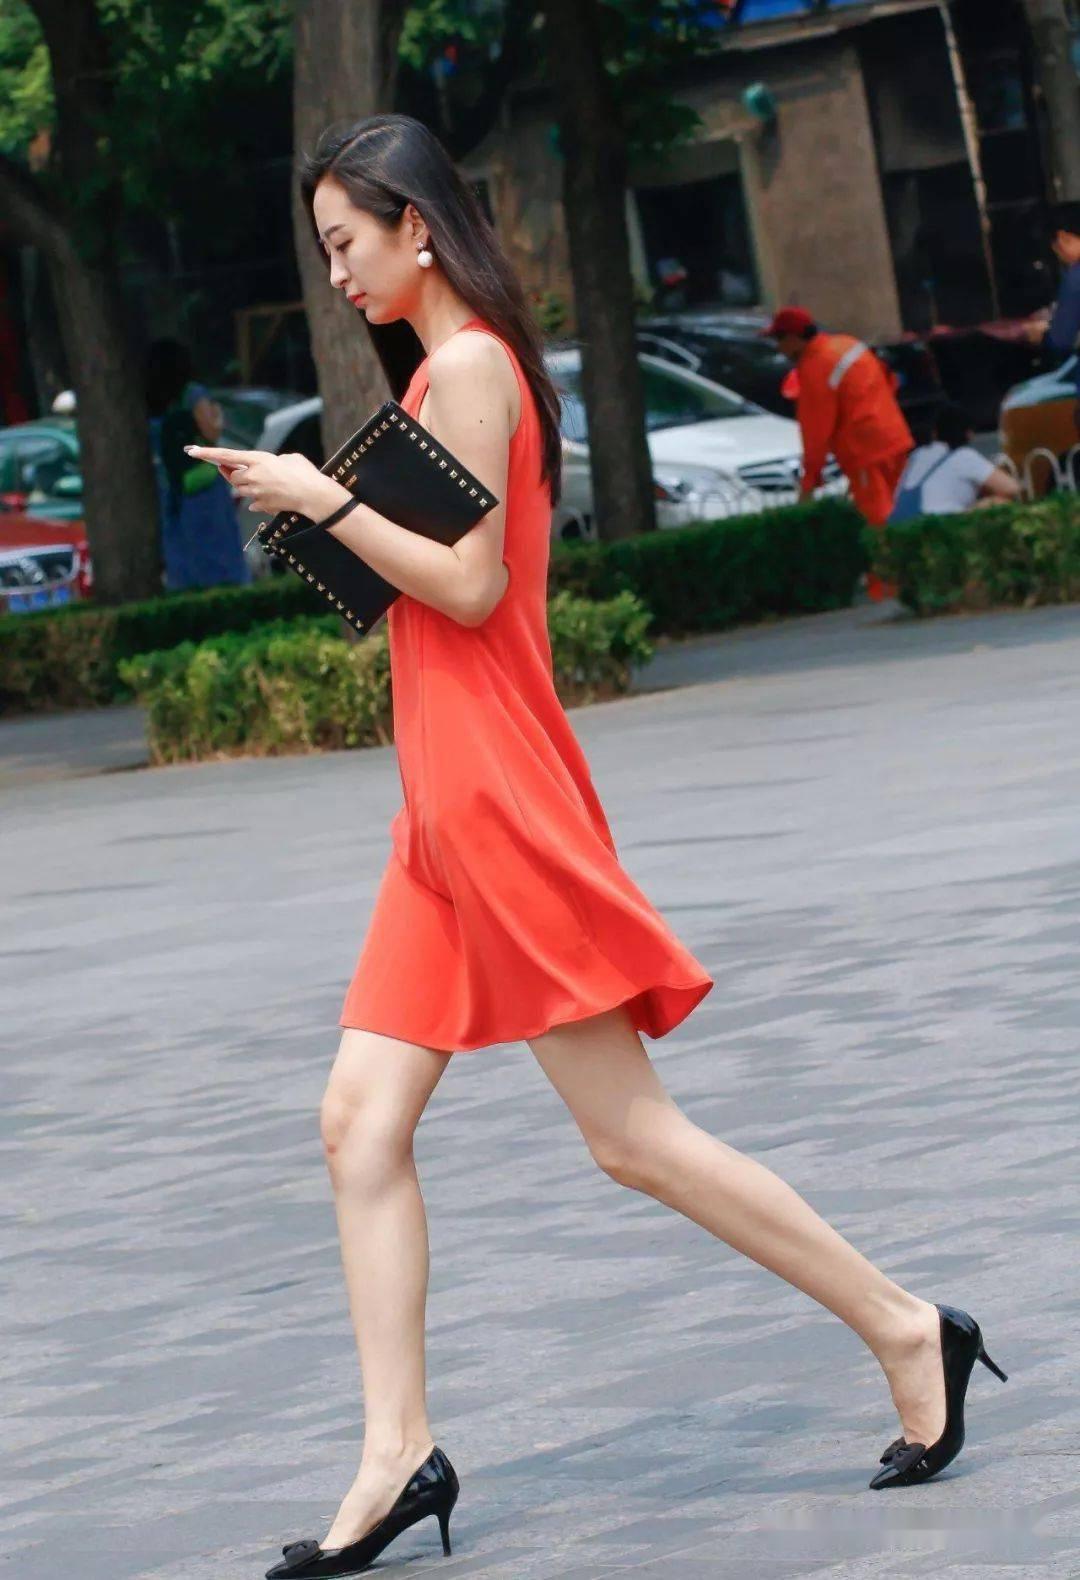 美女腳上可以搭配一雙高跟鞋,美美的秀出大長腿